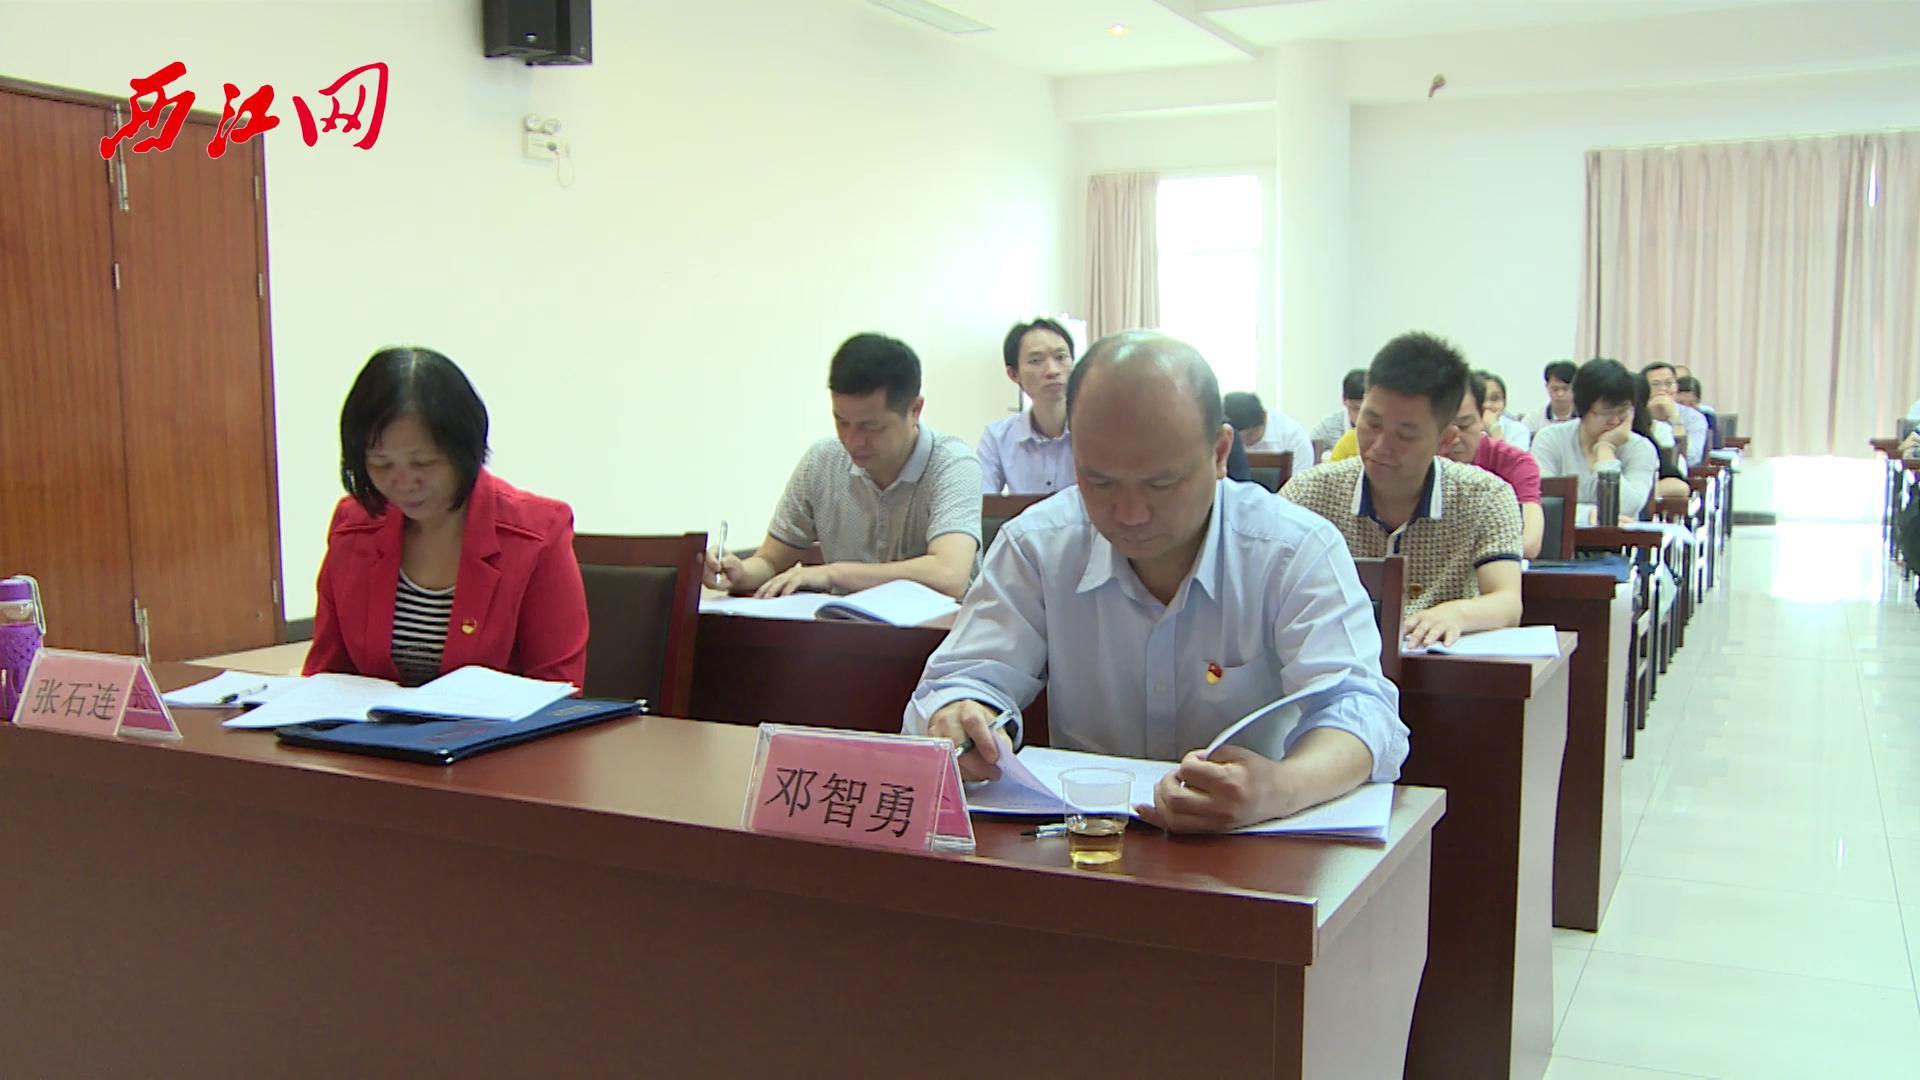 肇庆市司法局举办2017年全市司法行政系统党务工作者培训班